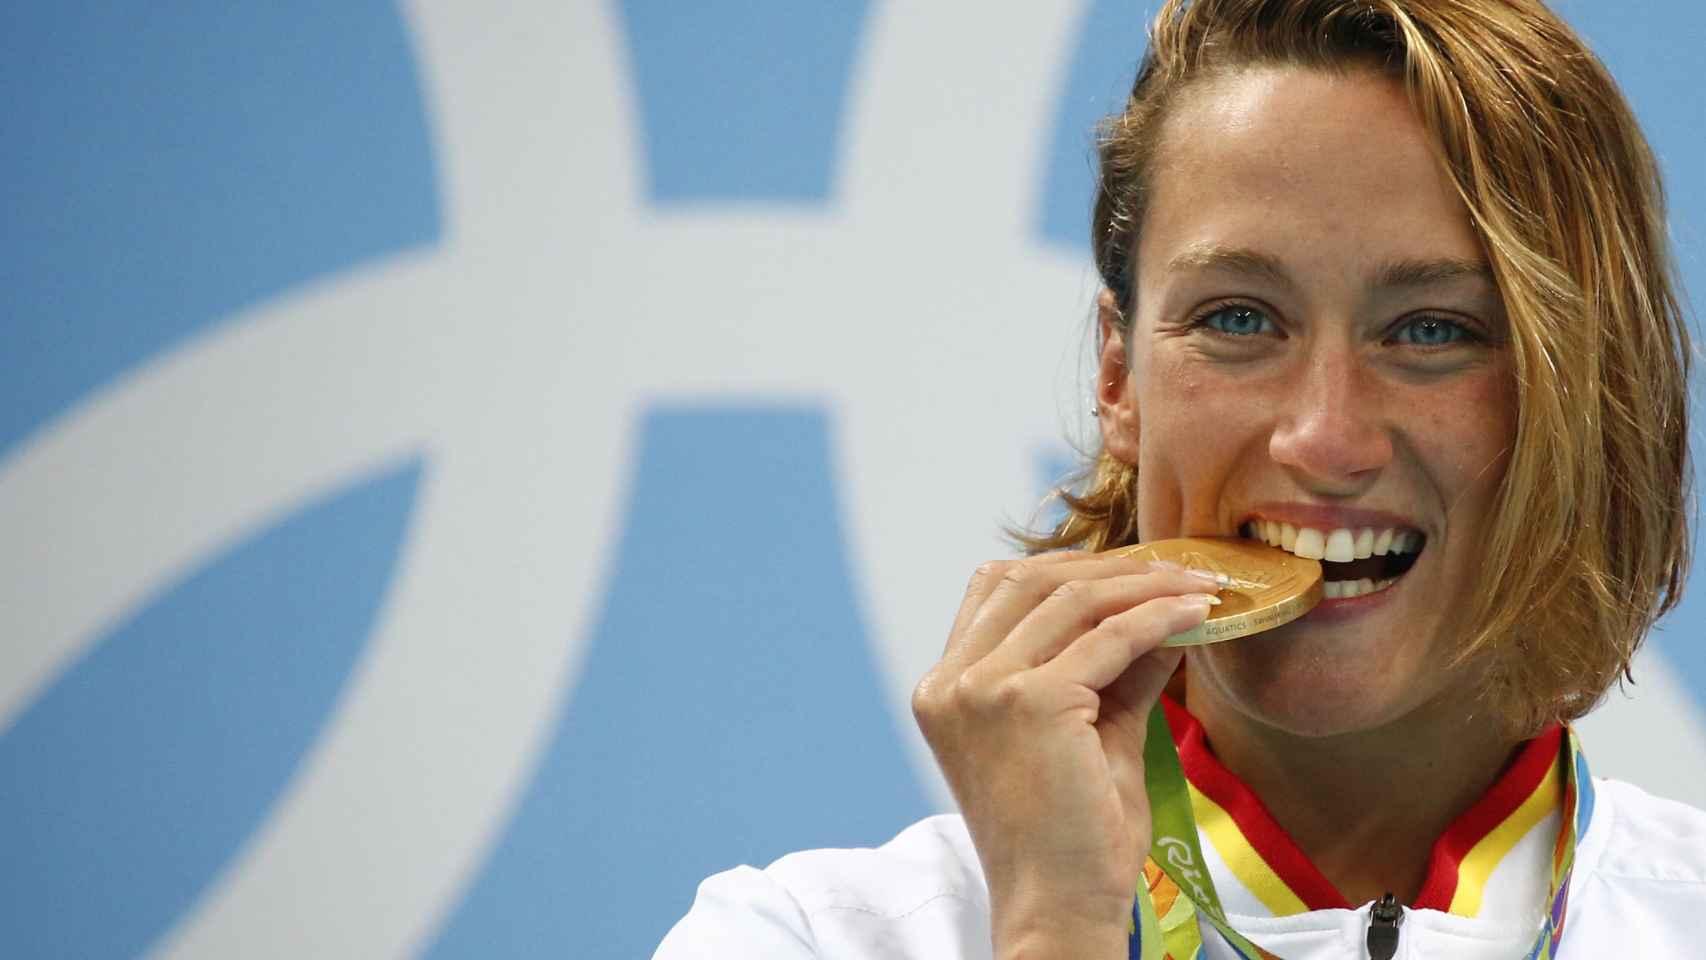 La nadadora española muerde su oro, el primero de la natación española desde Barcelona'92.